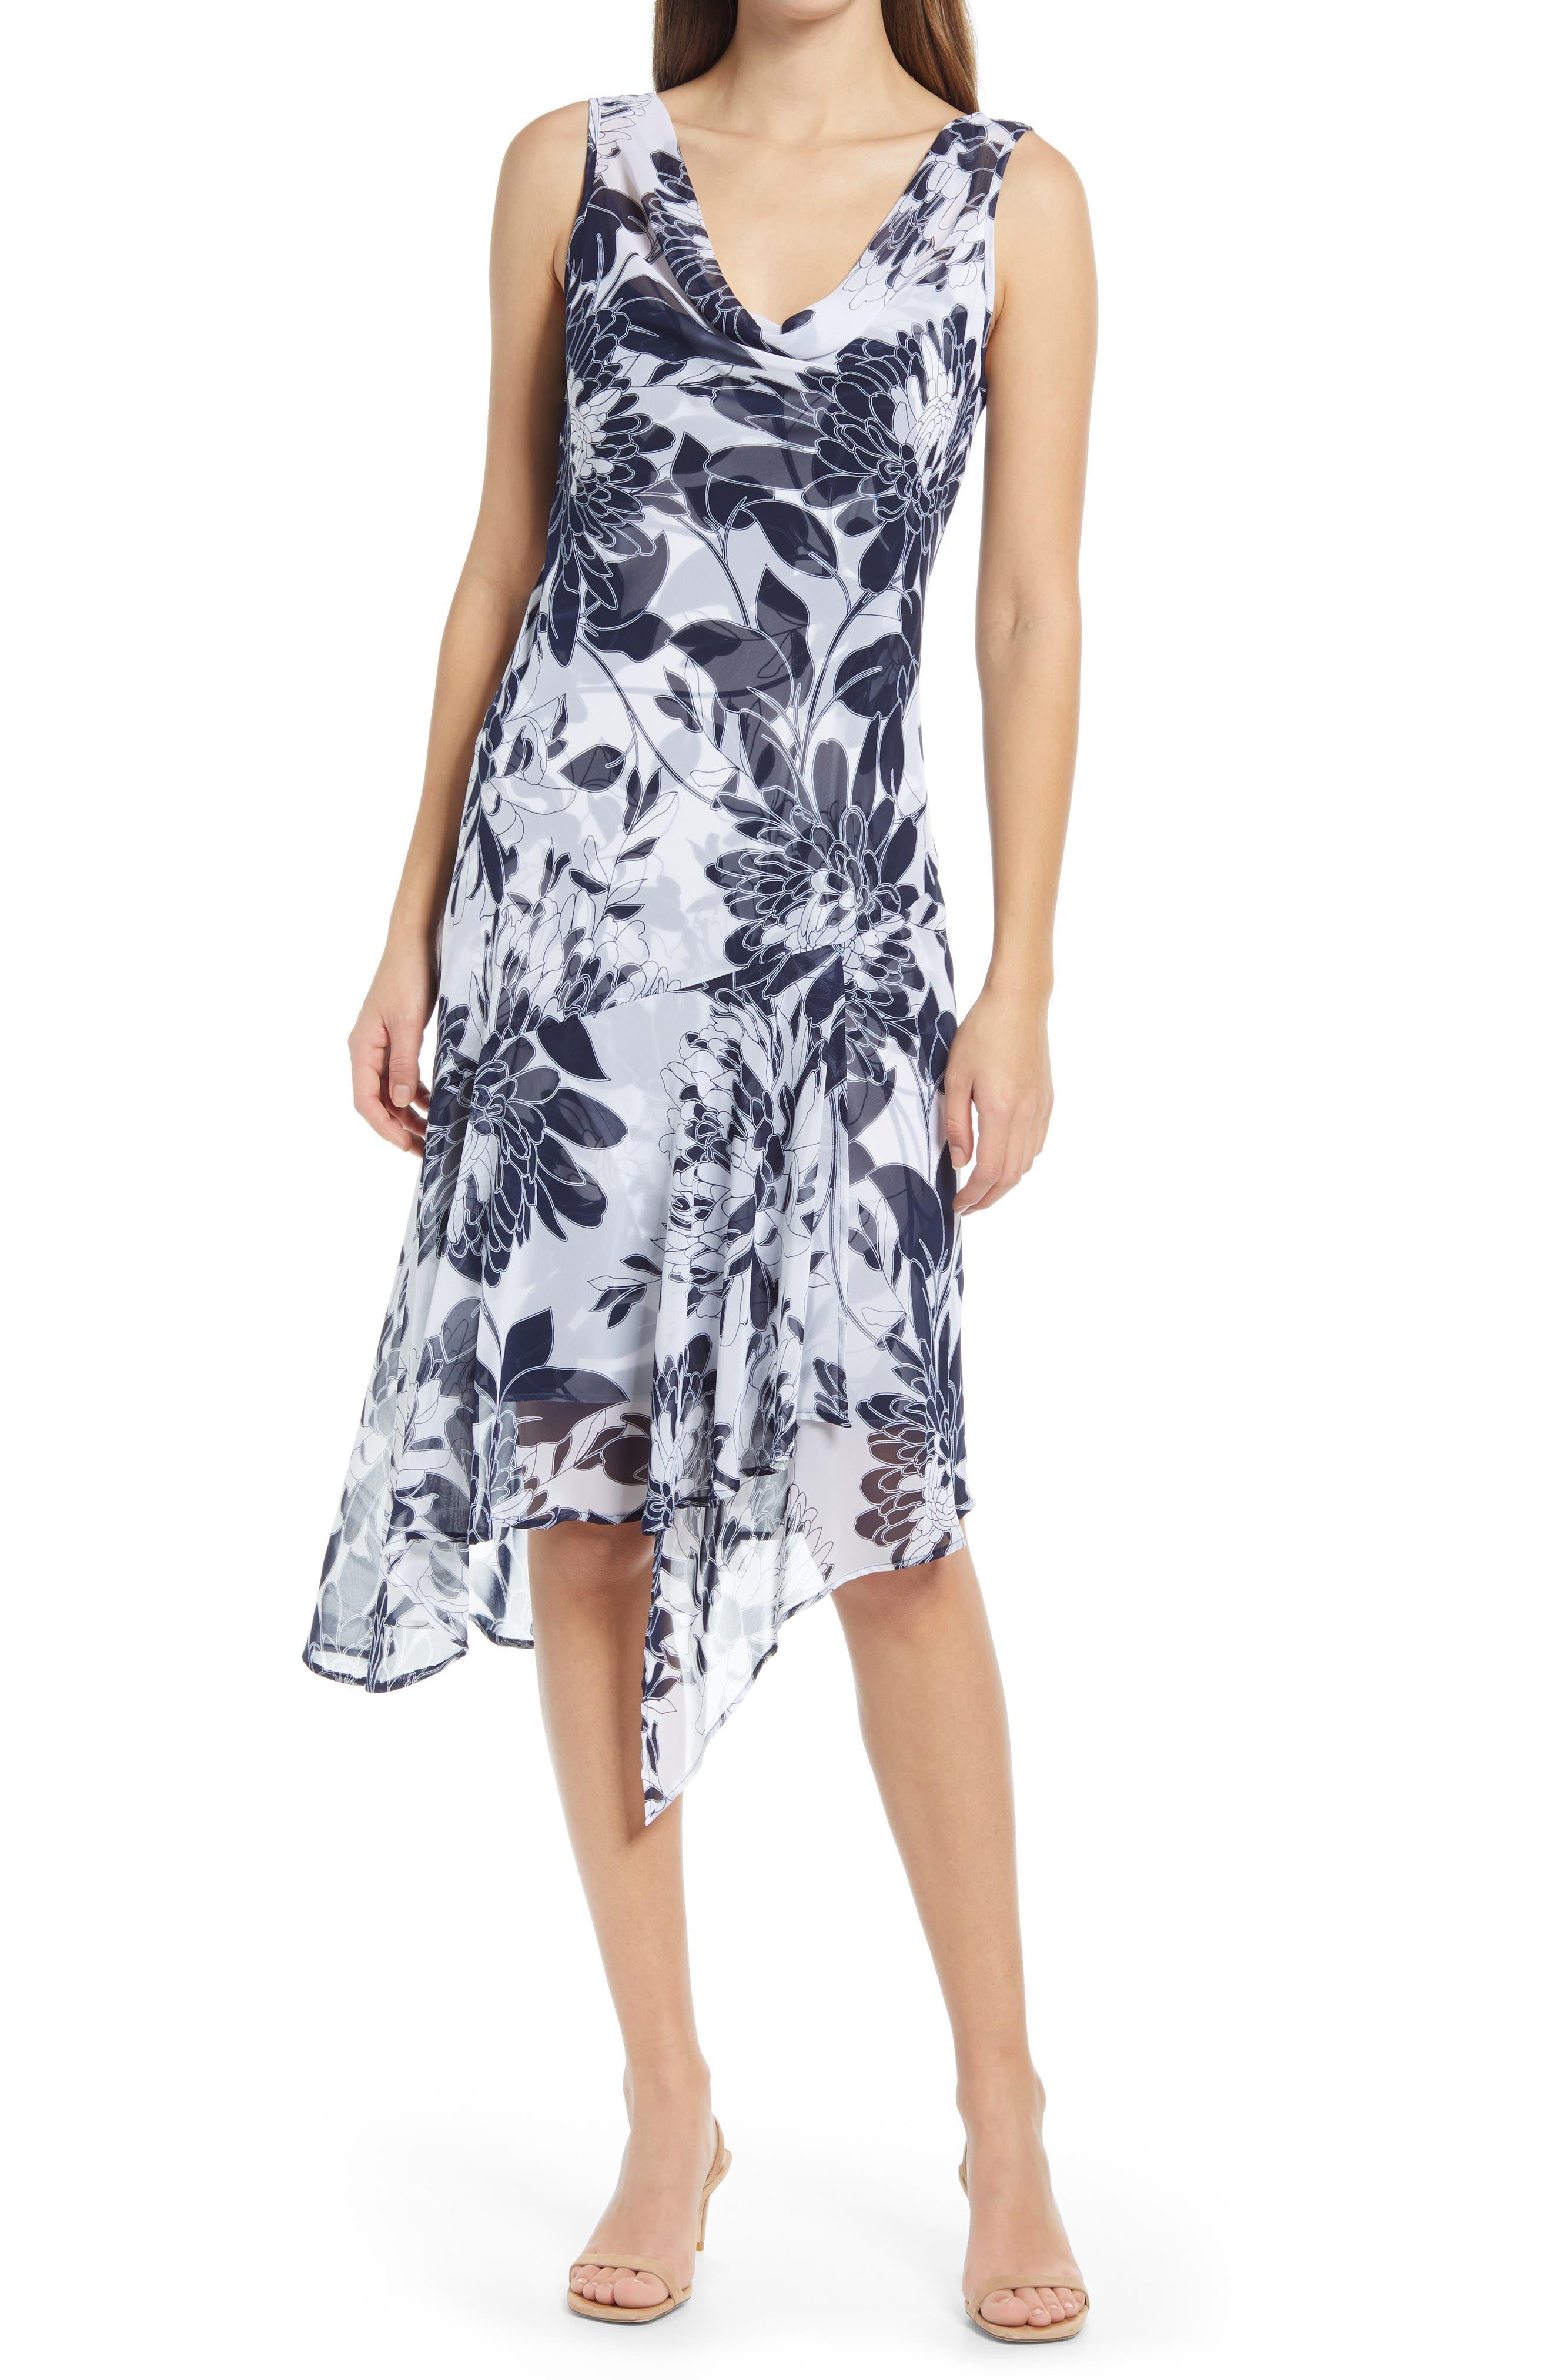 Floral Print Chiffon Asymmetrical Hem Dress